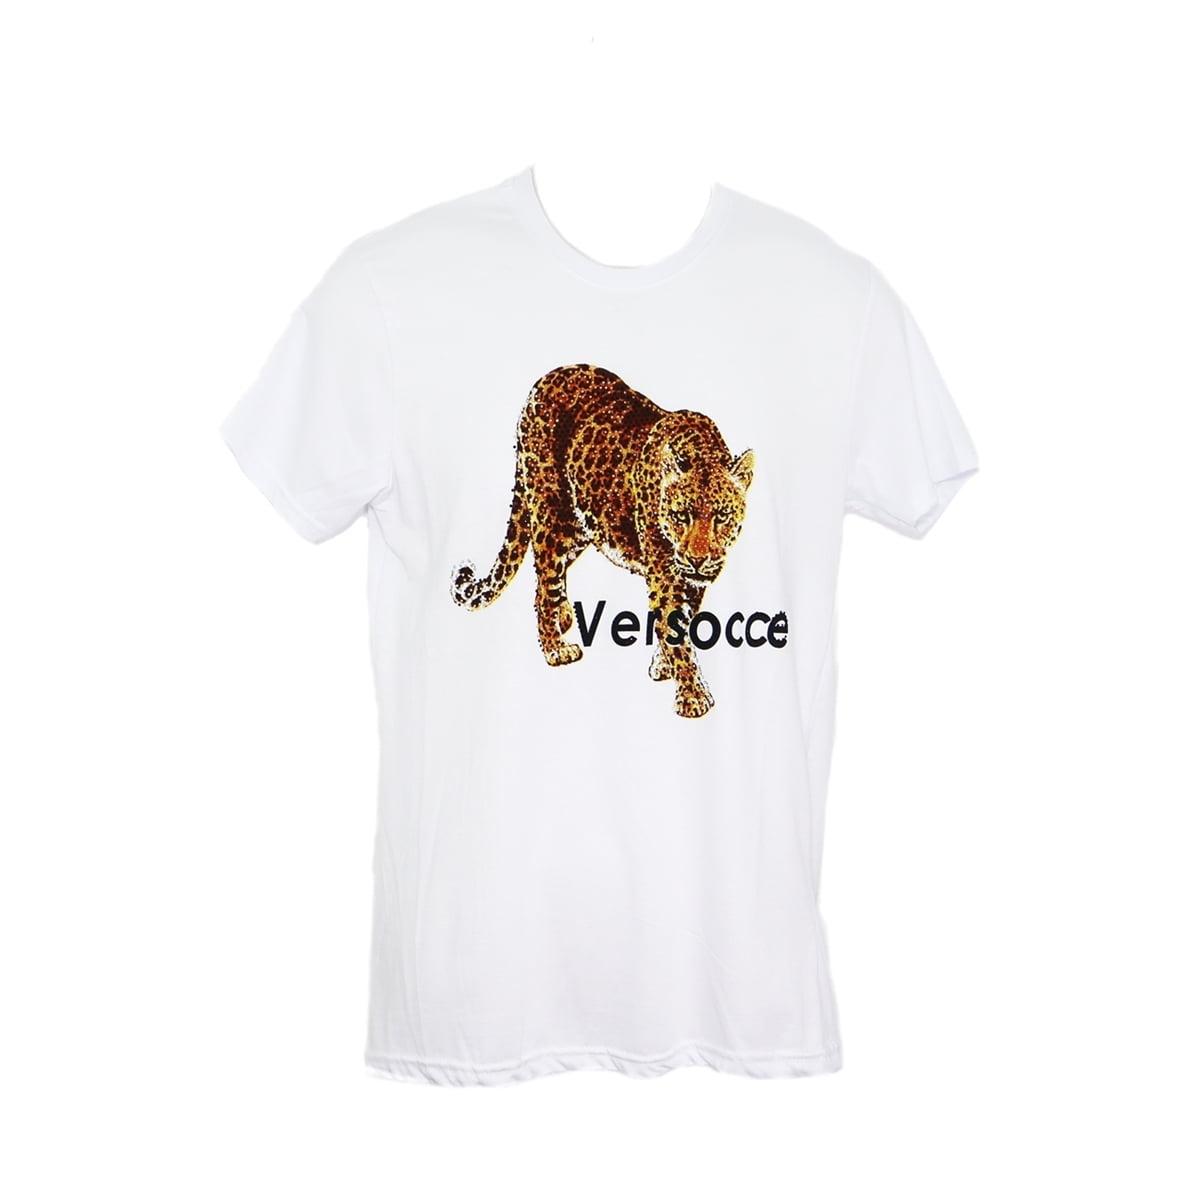 Tricou Versocce, cu strasuri leopard alb